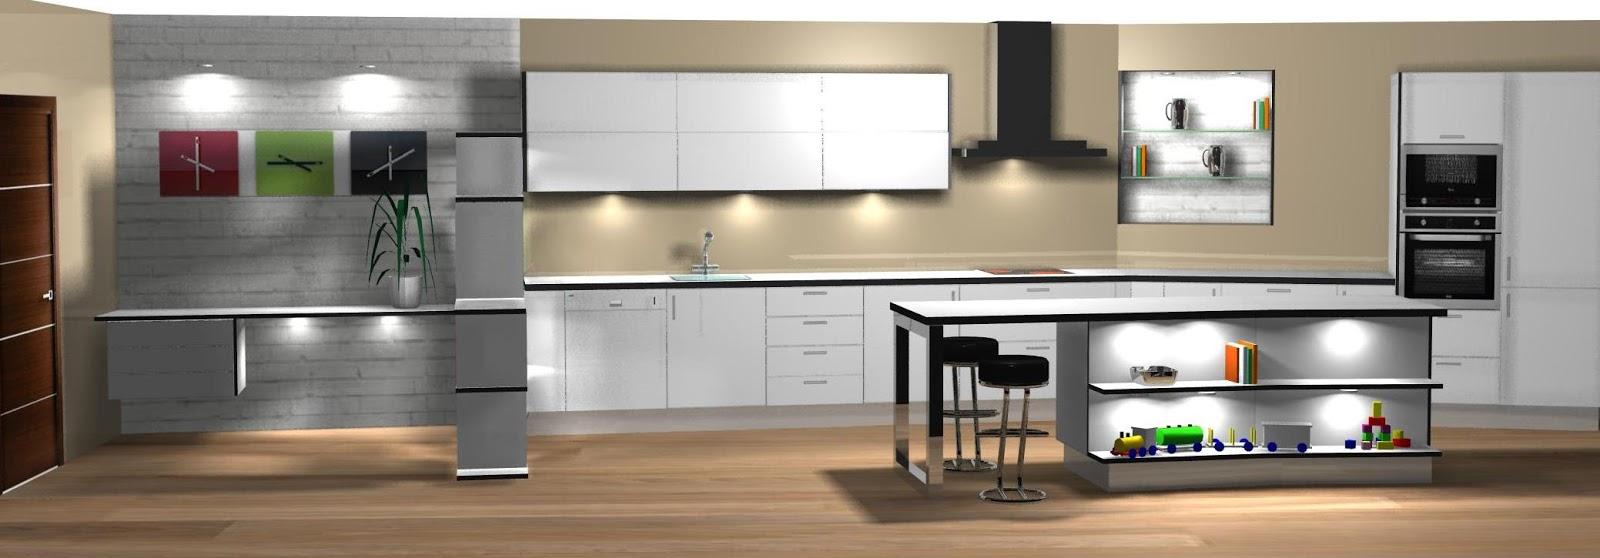 Muebles separador de ambientes mueble separador de for Separador cocina comedor